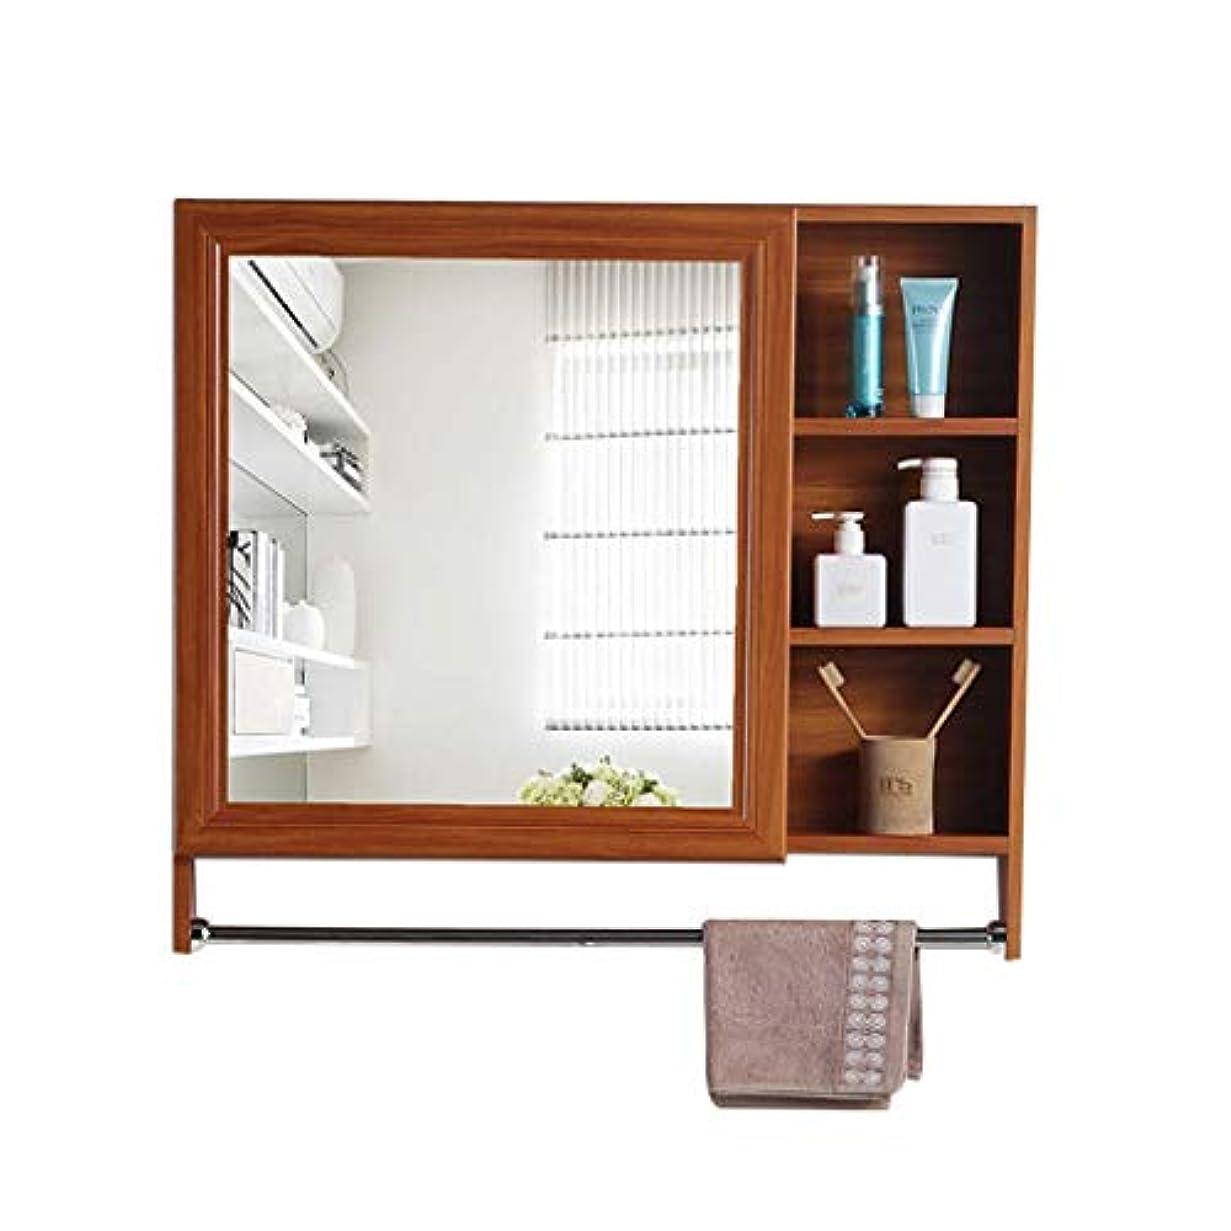 視聴者欠員群れ虚栄心のミラーおよびタオル掛けが付いている壁に取り付けられた浴室ミラーのキャビネットアルミニウム防水収納キャビネット